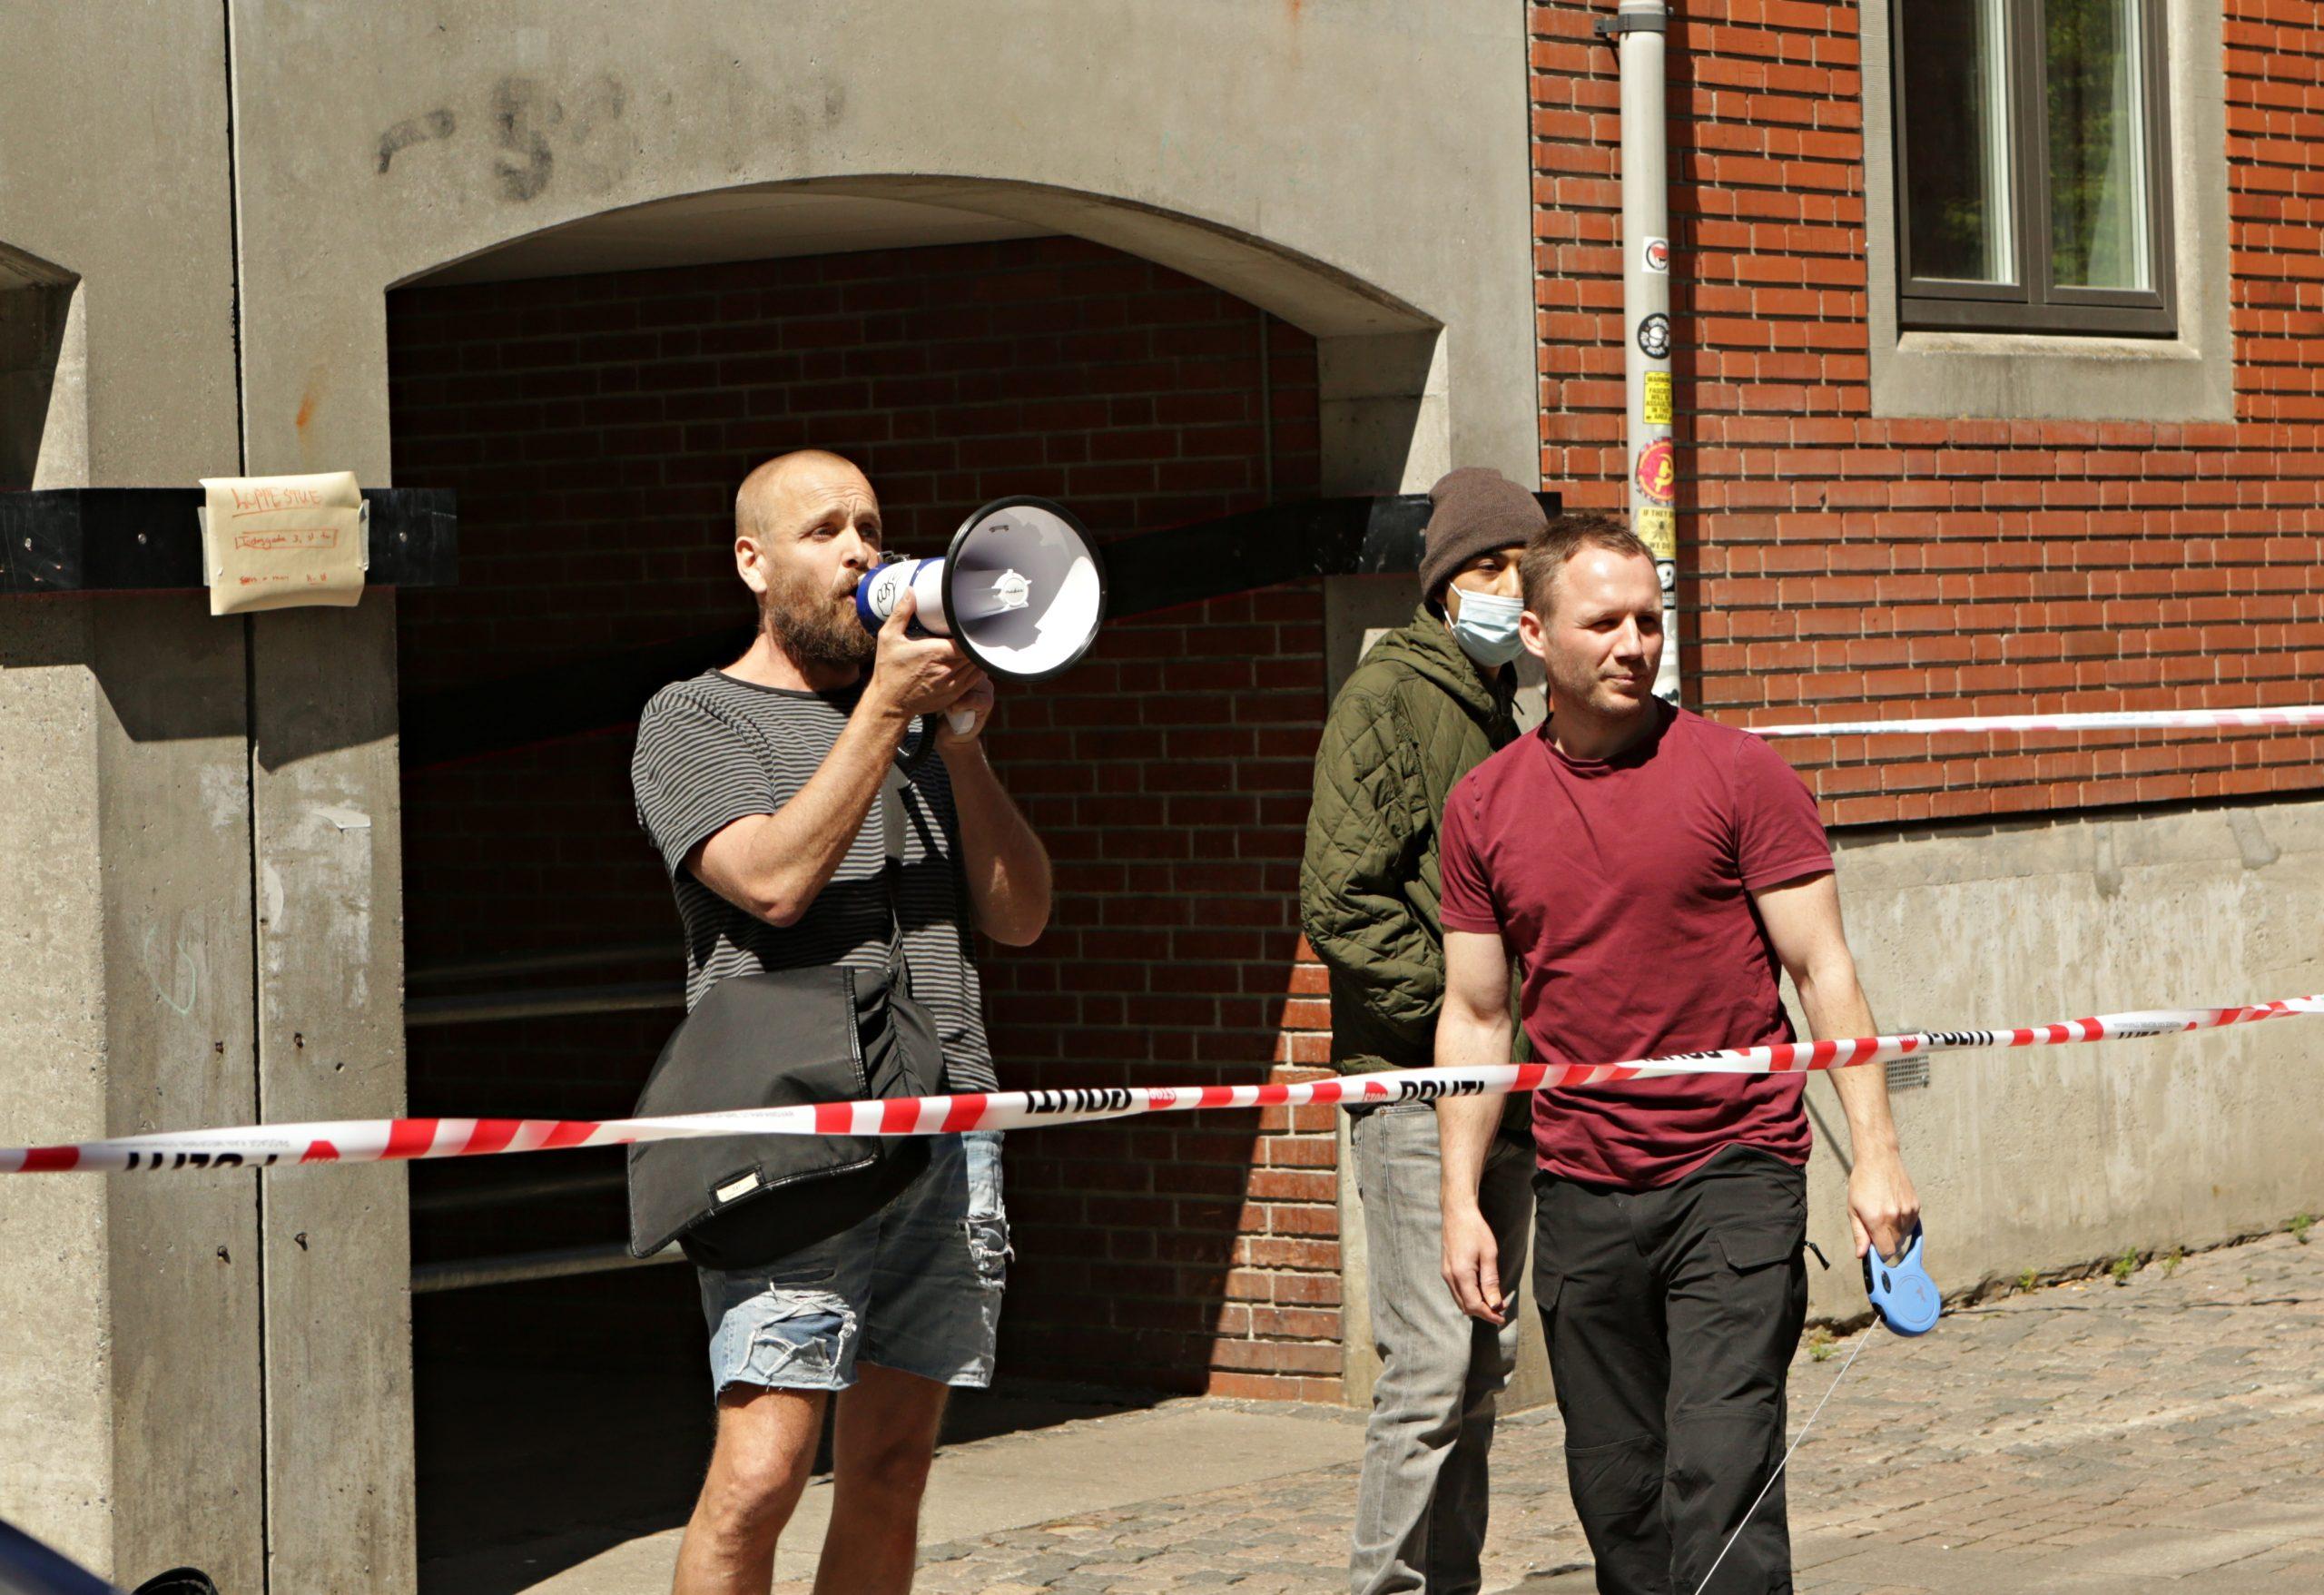 Lars Theilade (med megafon) taler under Patrioterne Går Lives demonstration på Nørrebro søndag. I rød tshirt ses Toke Lorenzen. Foto: Redox